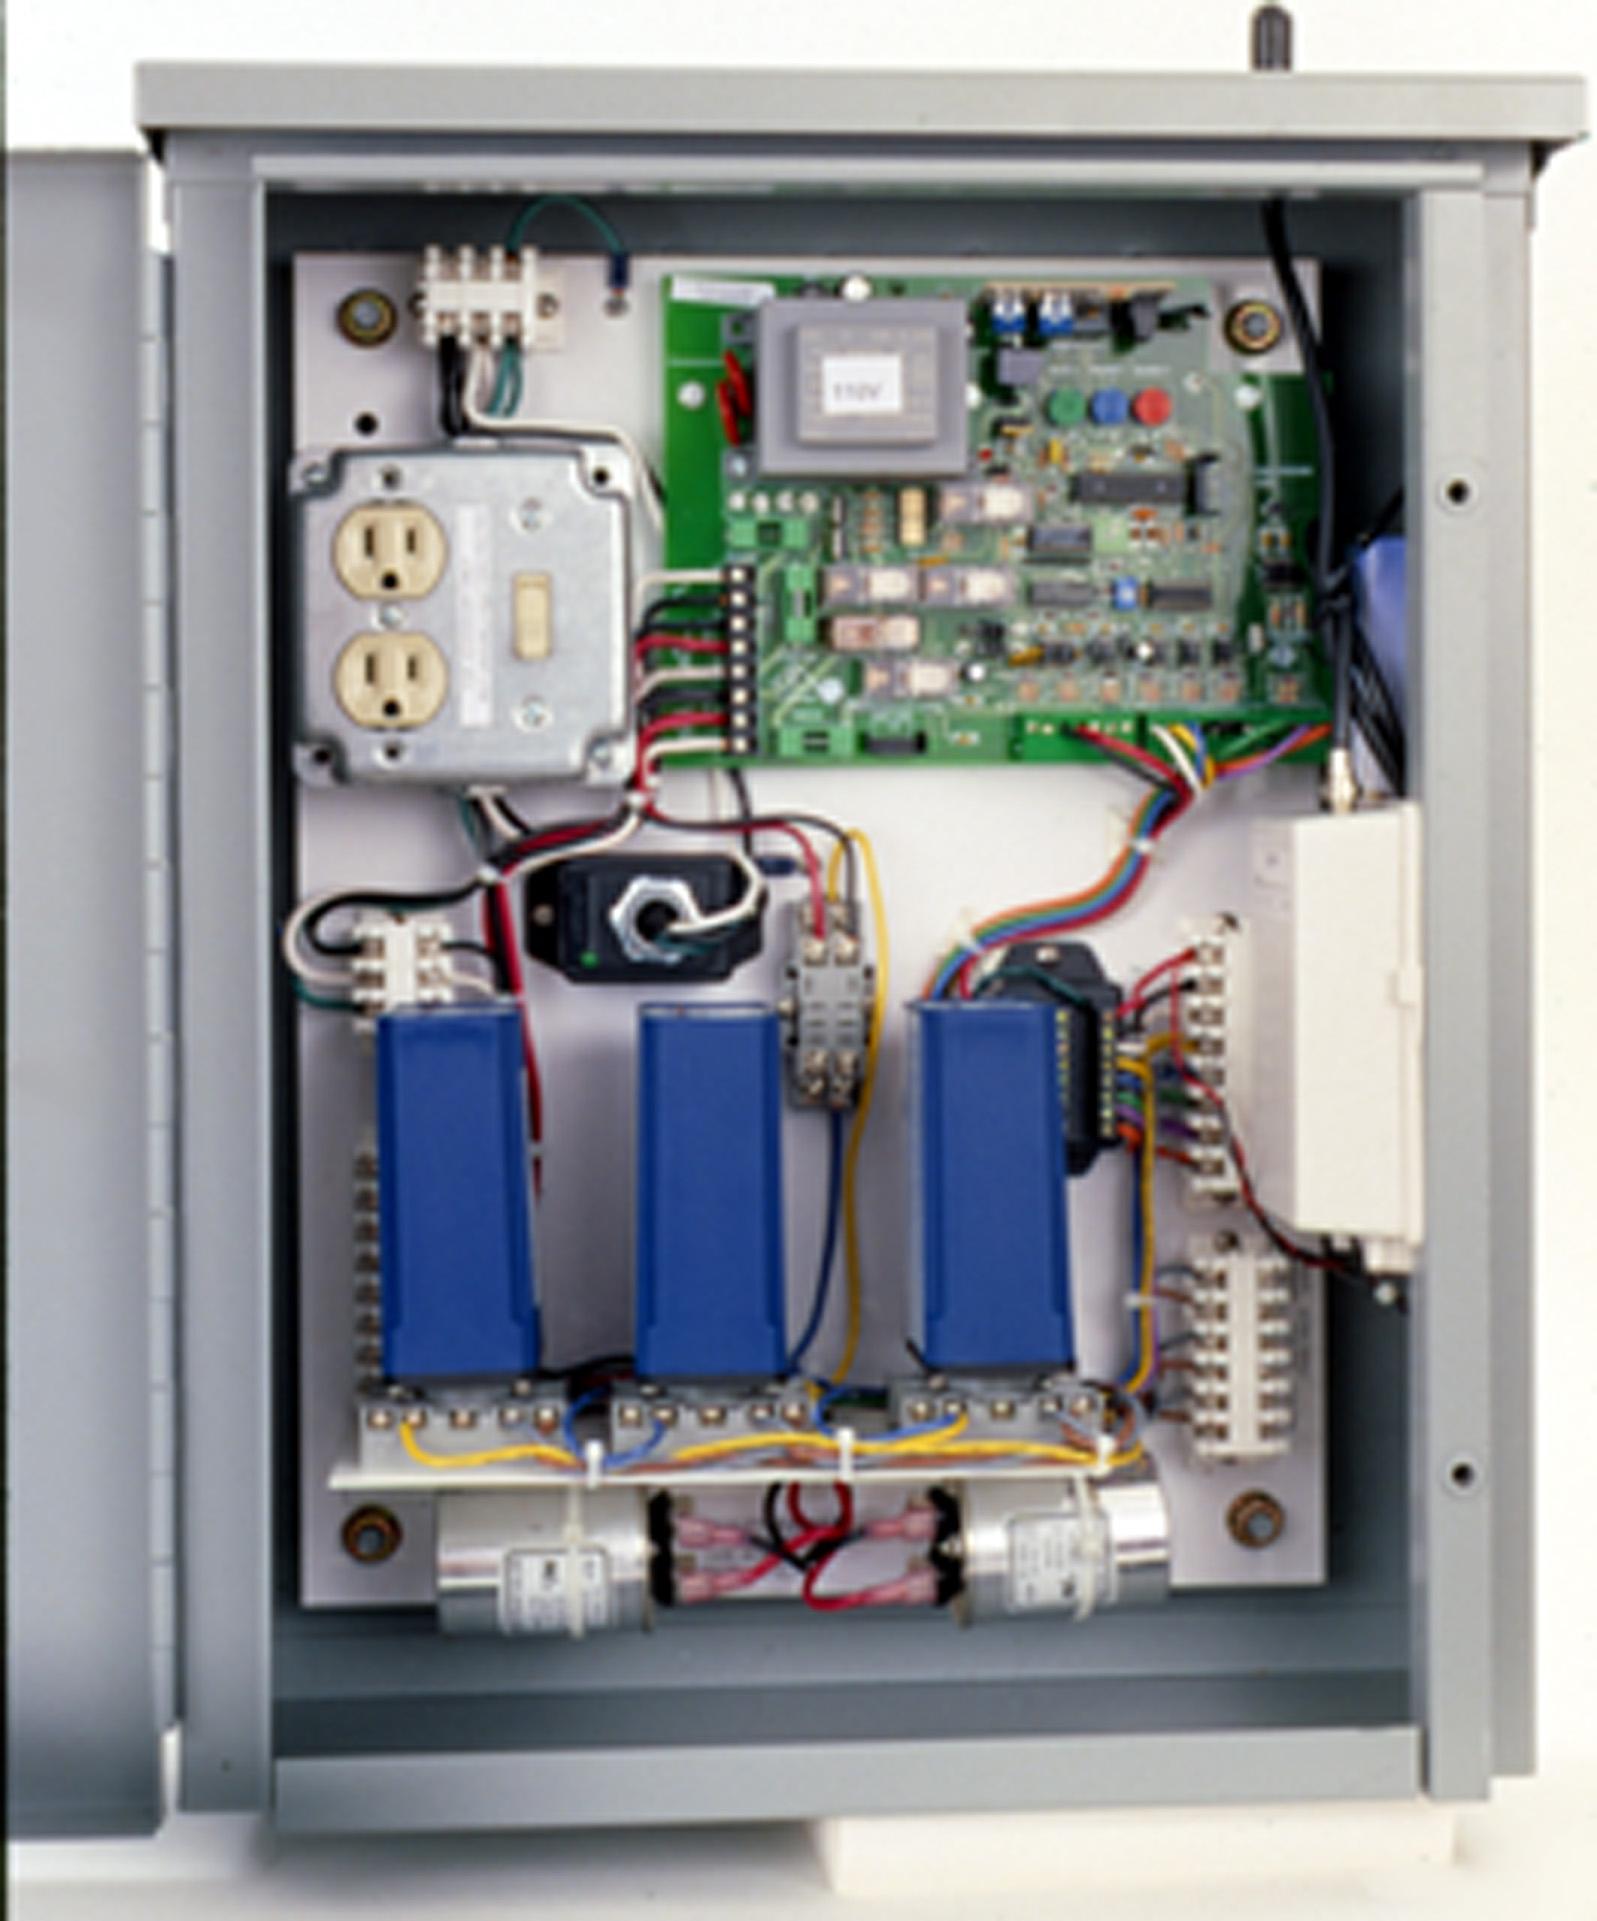 20 x 16 control gate board - byan systems